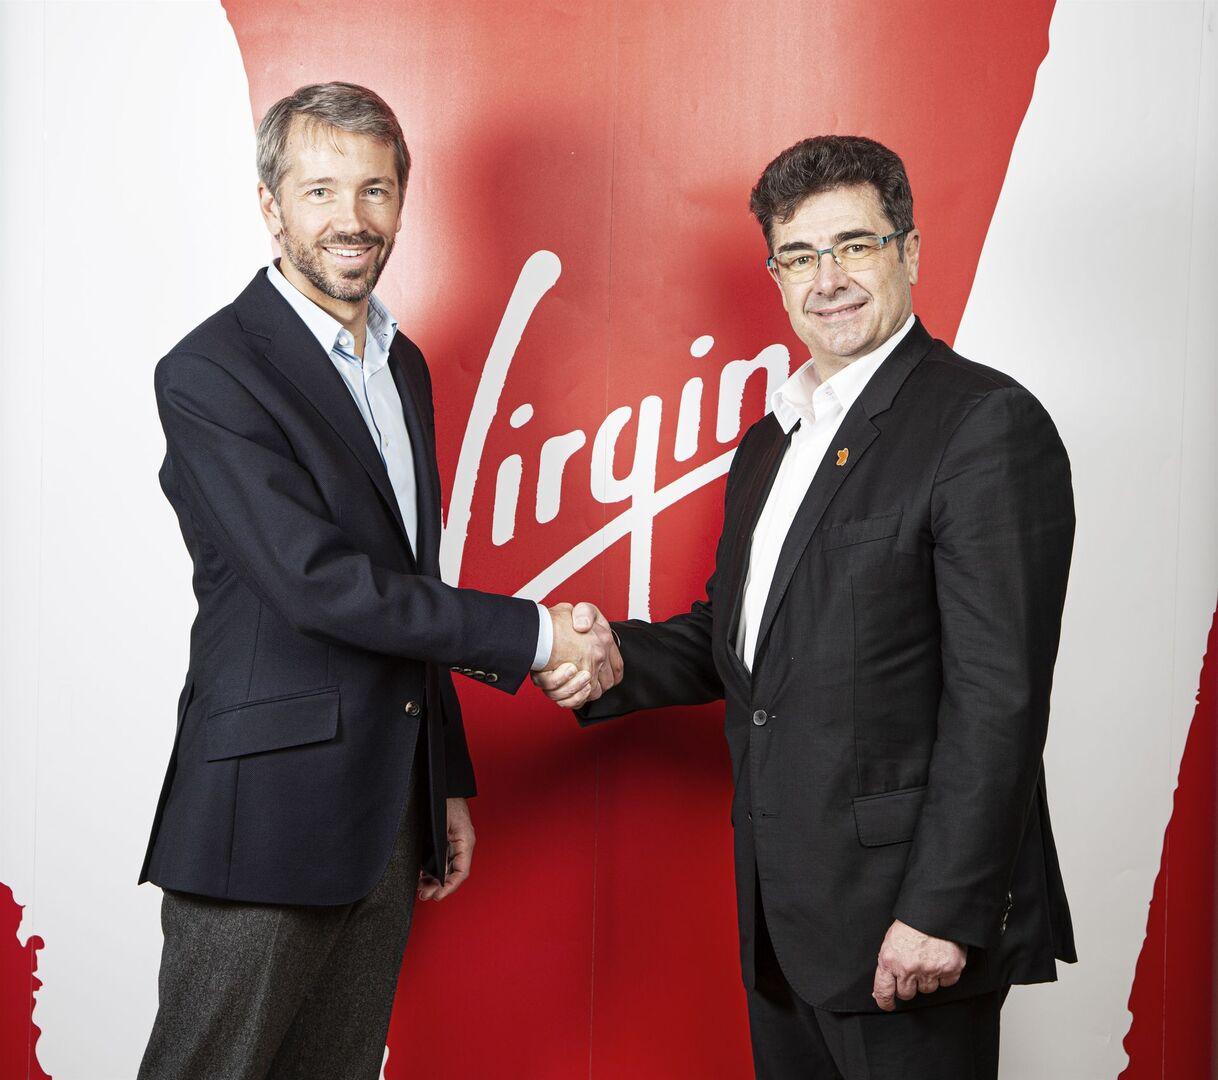 Virgin será la marca del quinto operador en España — Ya es oficial